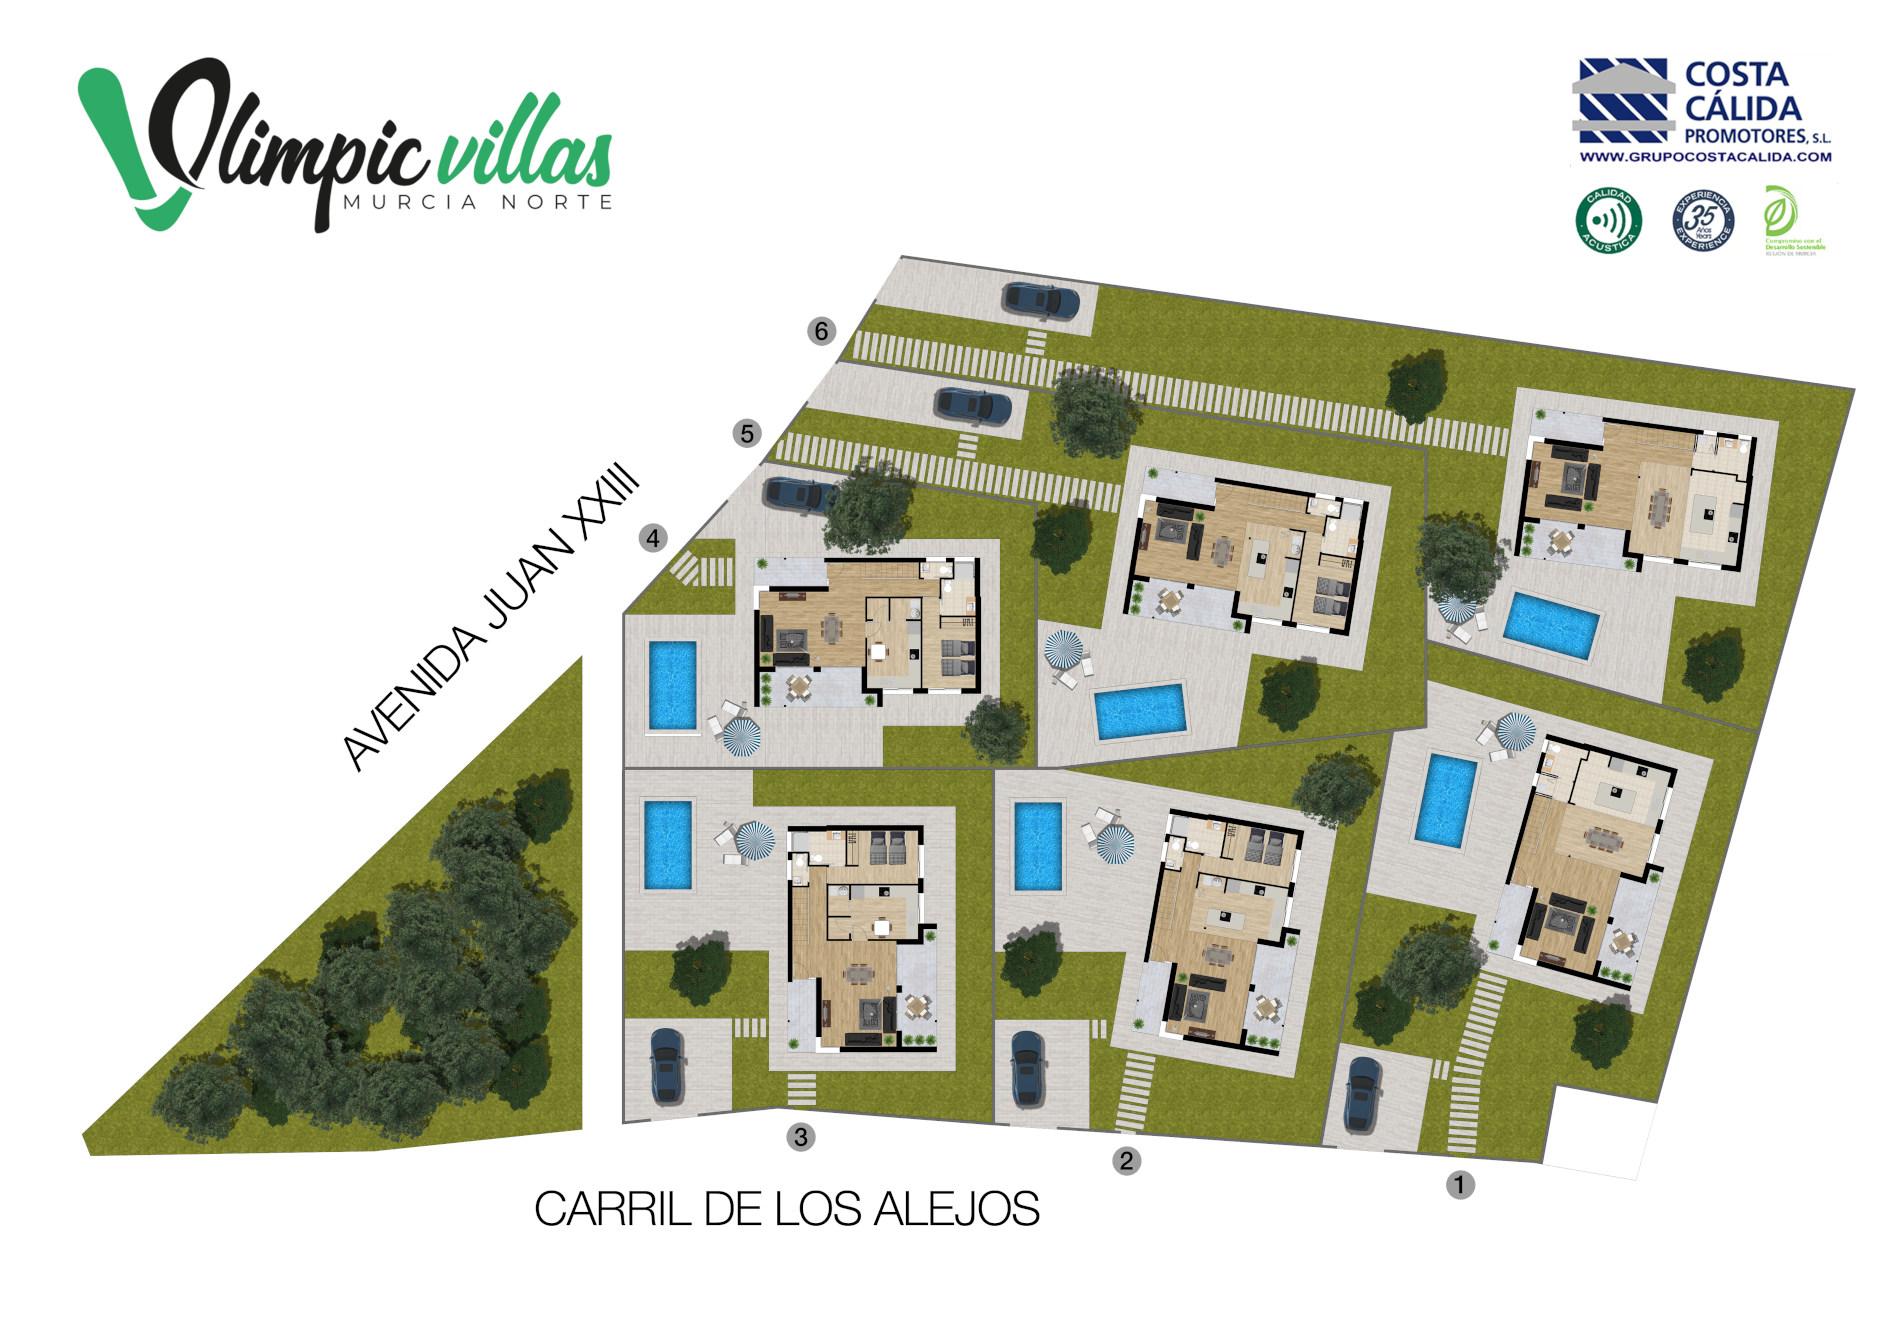 Plano General Olimpic Villas Cabezo de Torres - Murcia